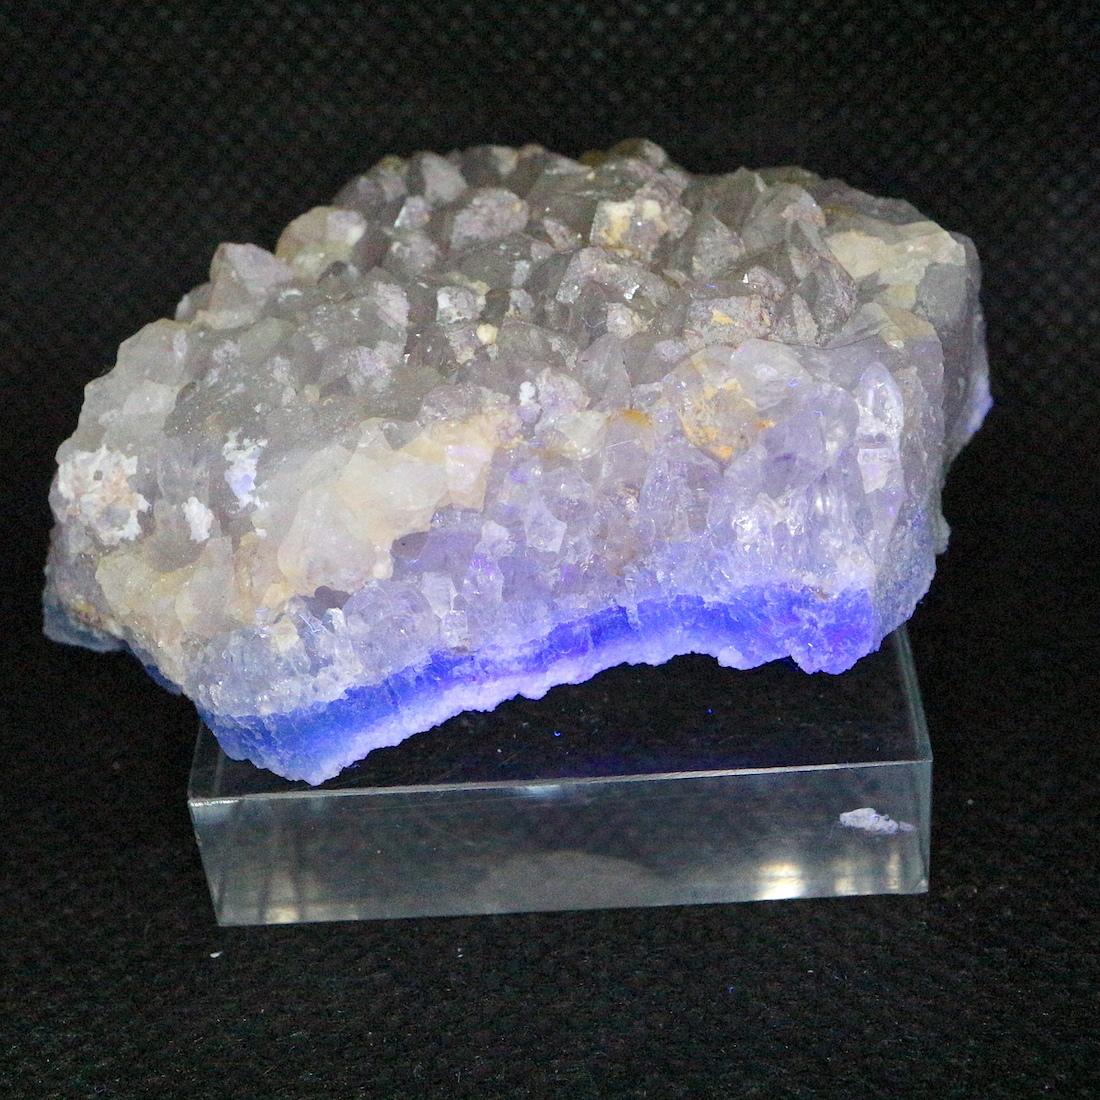 蛍石 フローライト アメジスト  コロラド州産 原石 60,7g FL166 鉱物 天然石 パワーストーン